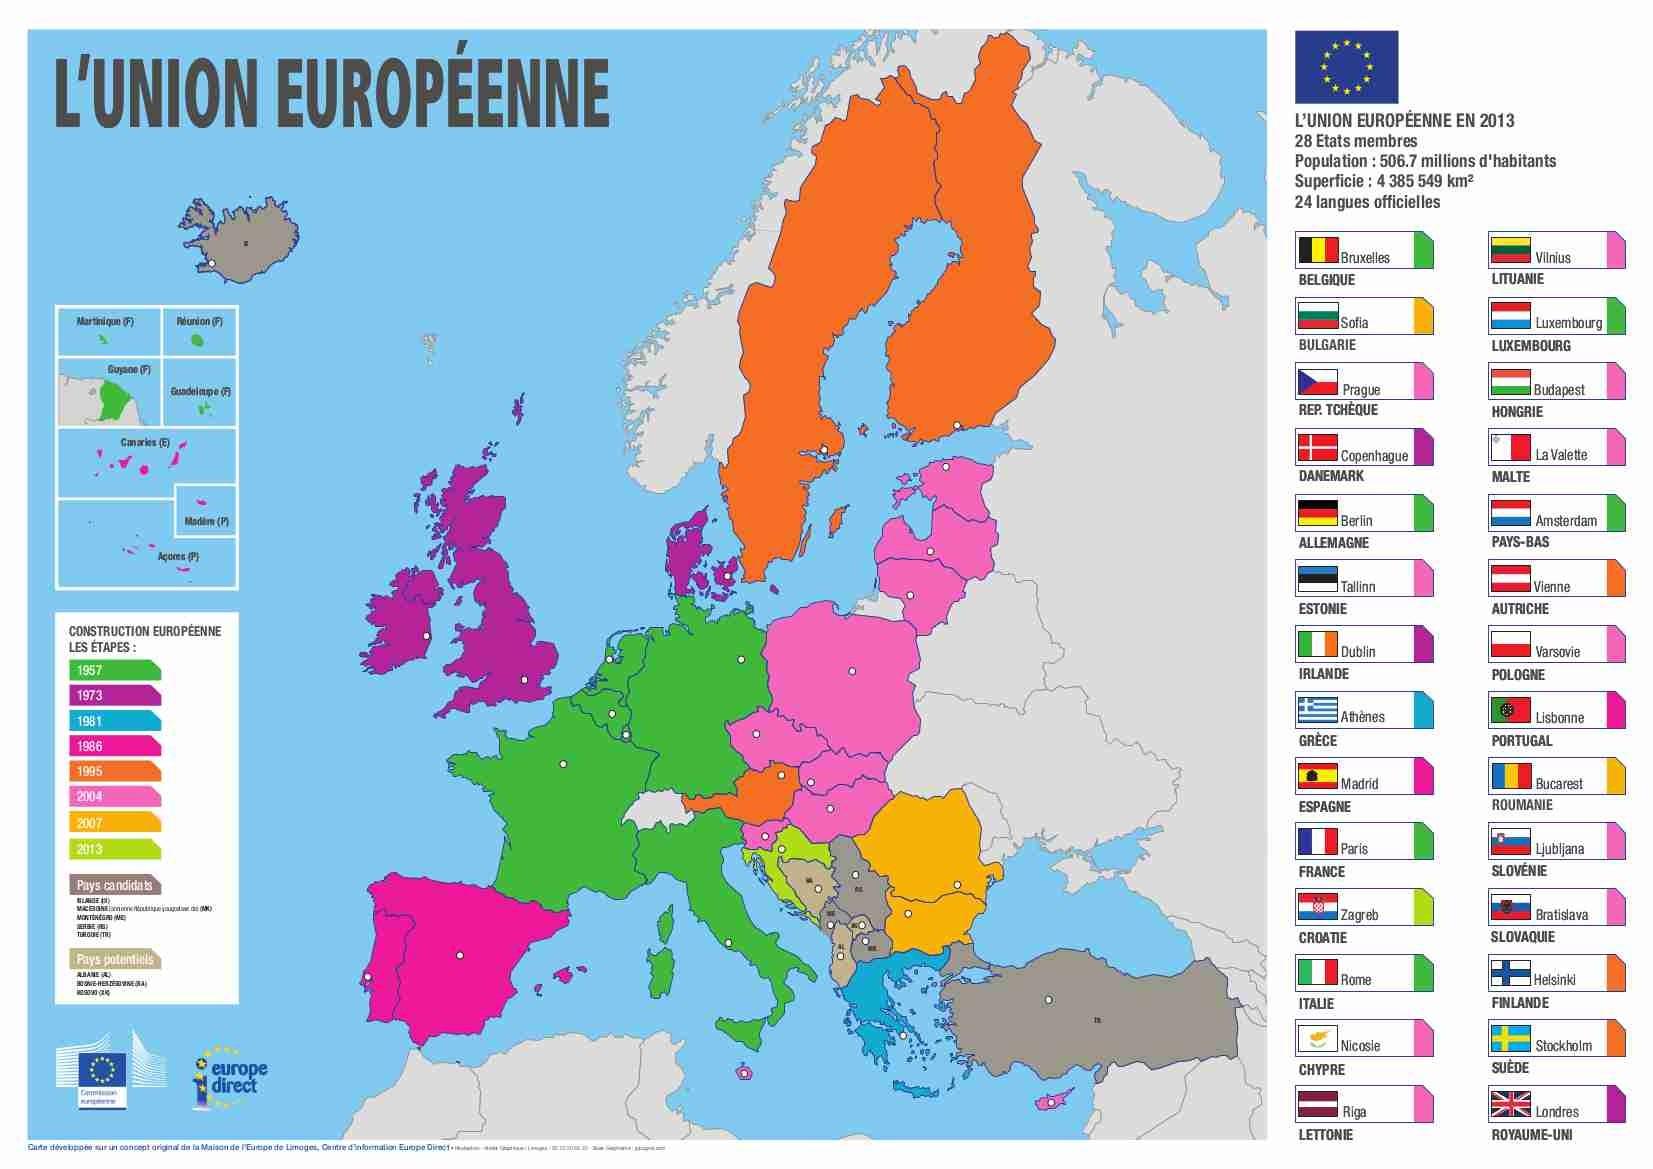 La Position Économique De L'union Européenne Dans Le Monde concernant Pays Et Capitales Union Européenne